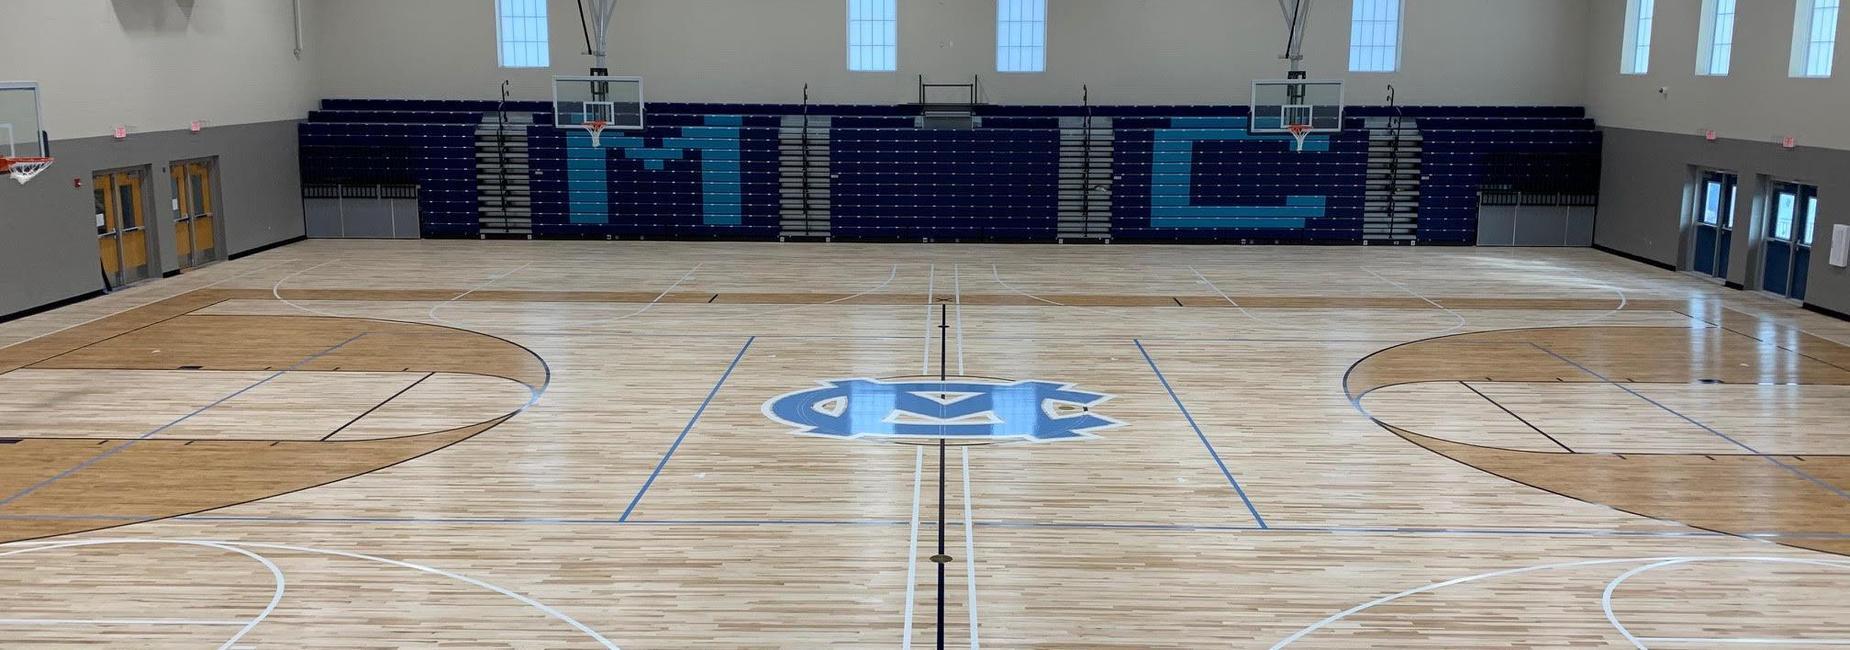 MCHS Gym